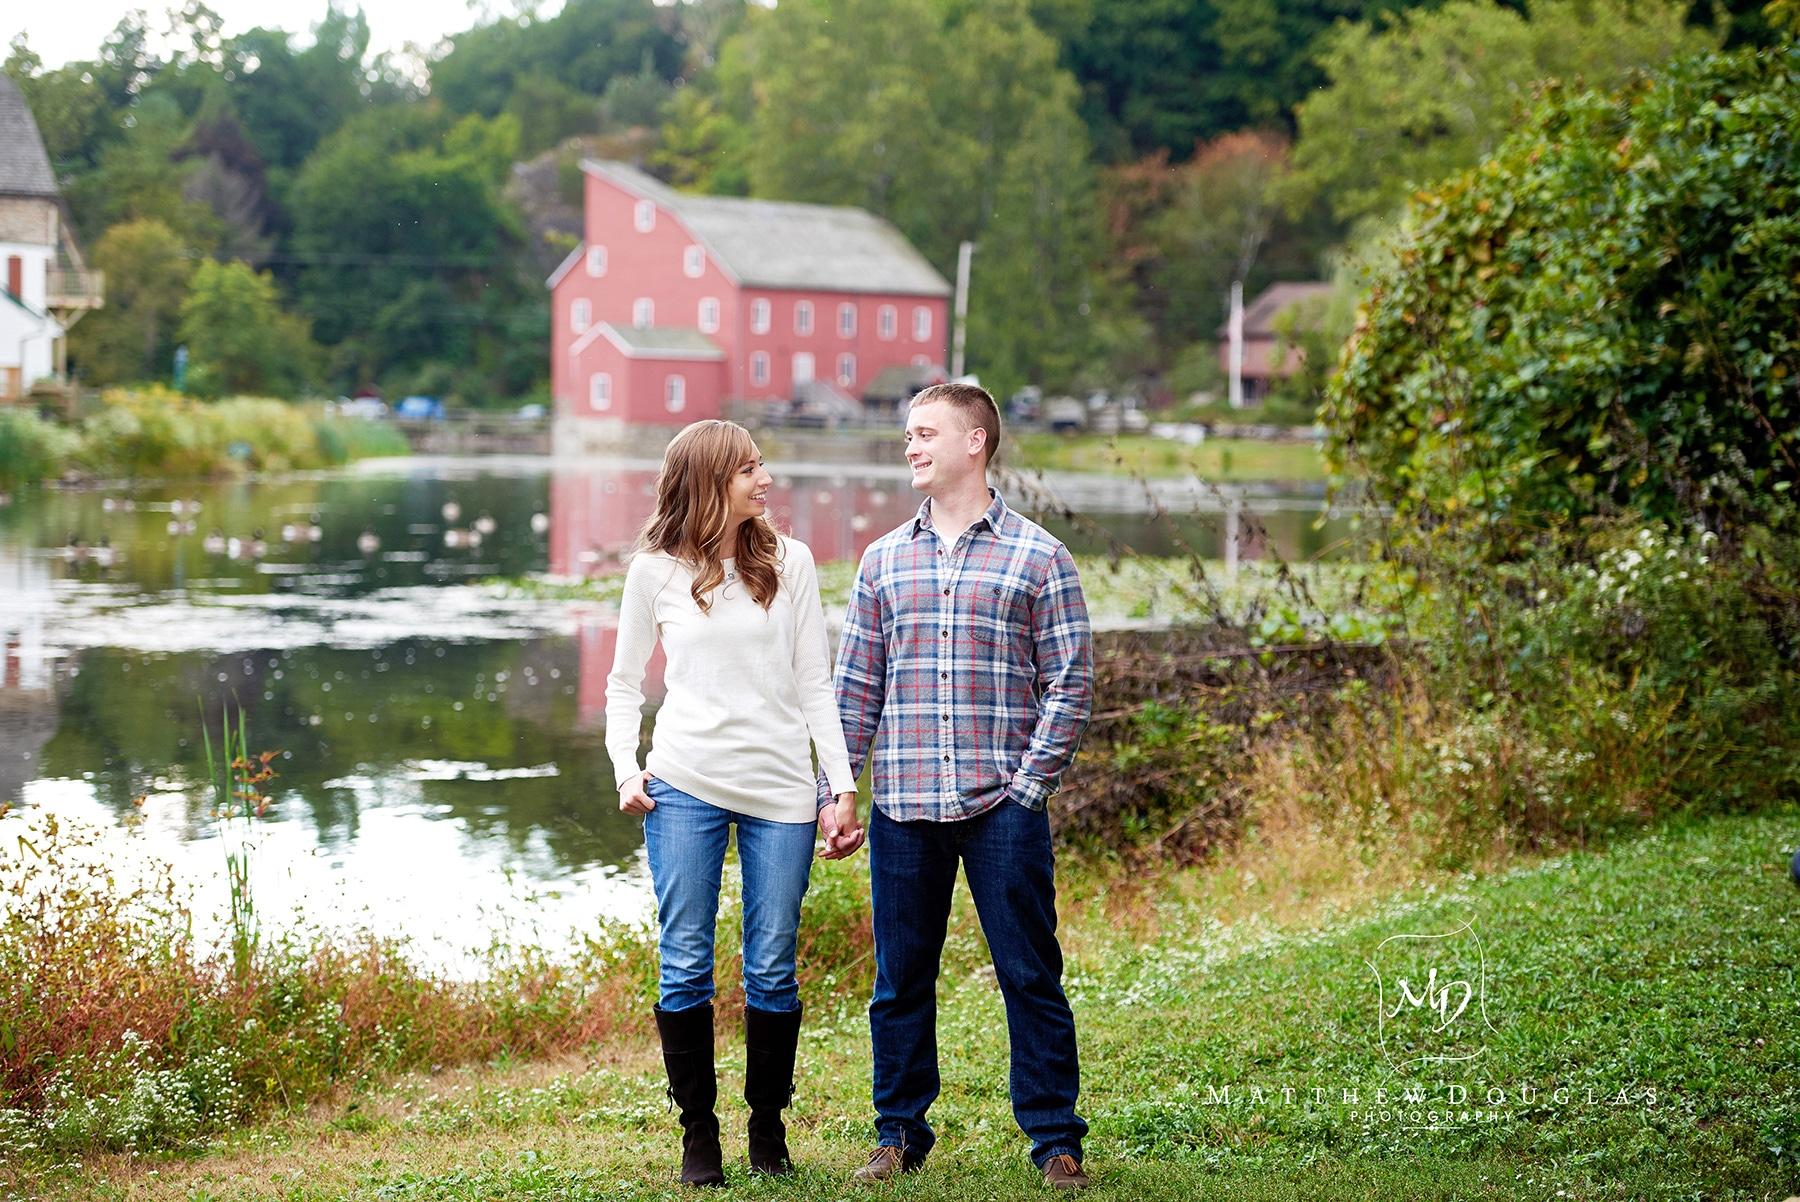 engagement-photo-clinton-nj-07